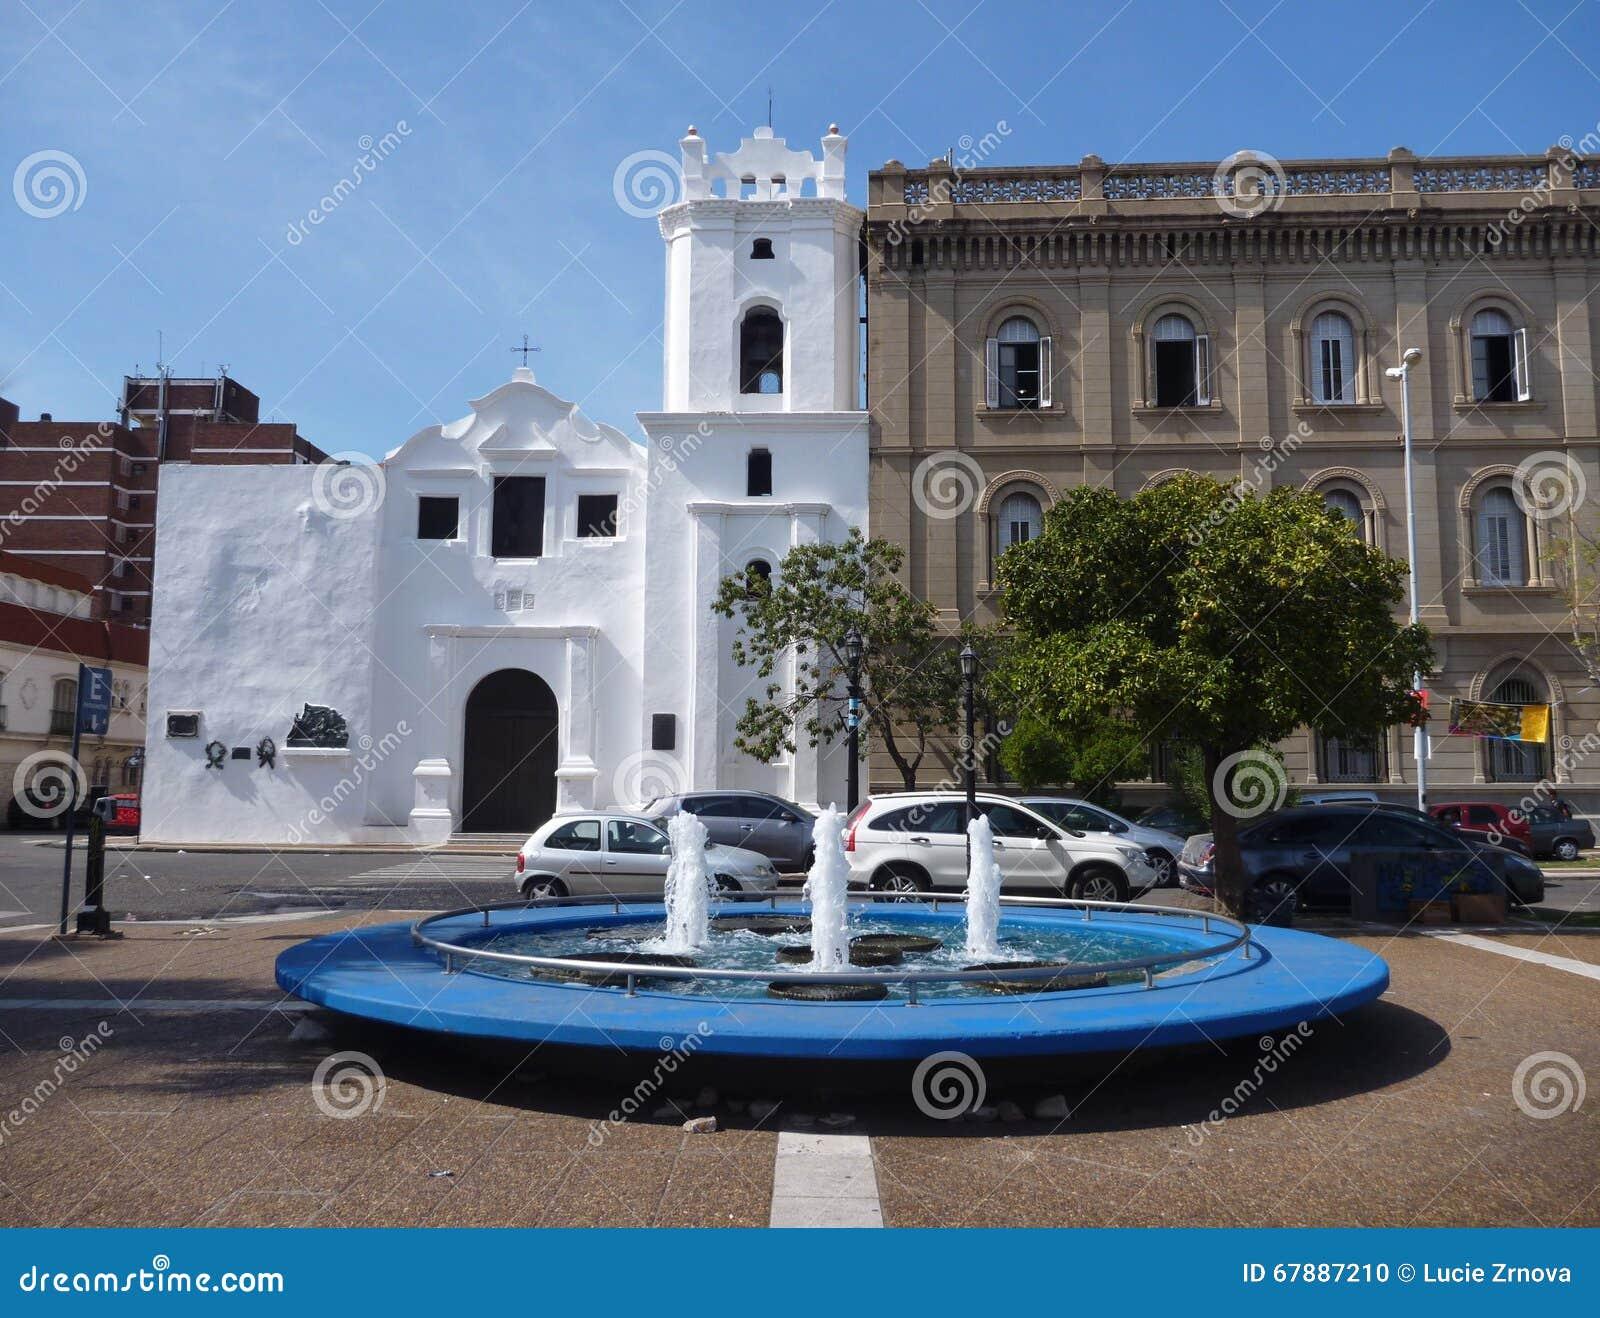 Fuente redonda azul delante de una iglesia blanca